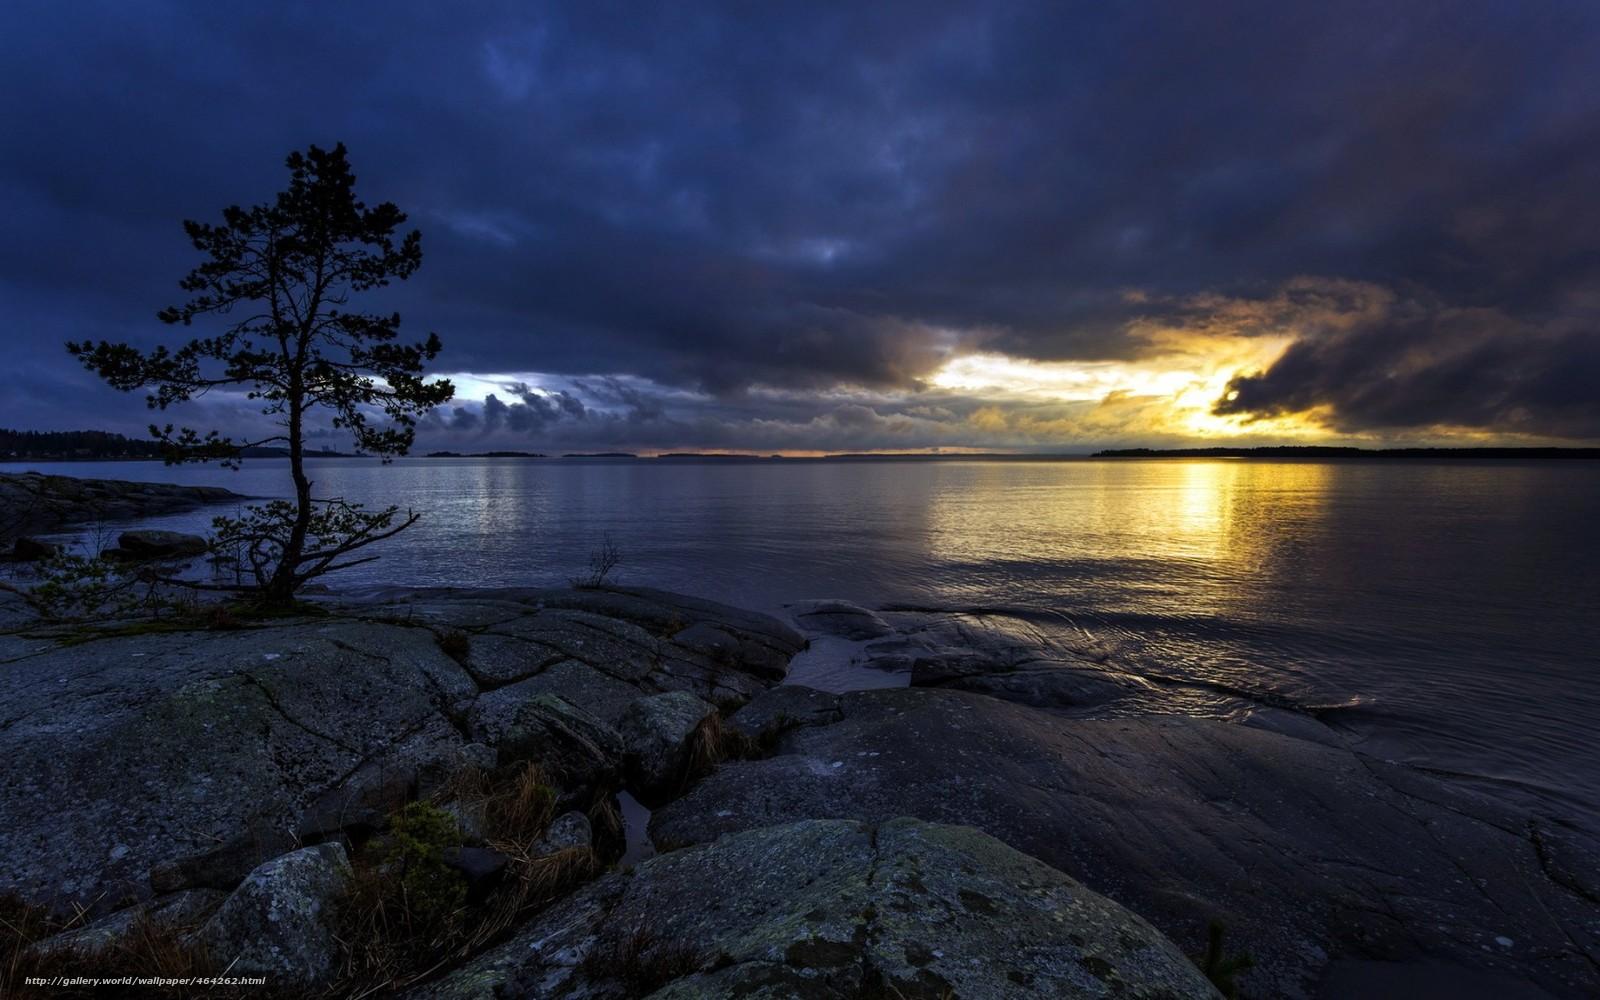 Tlcharger fond d 39 ecran nuit lac paysage fonds d 39 ecran for Bureau fond d ecran